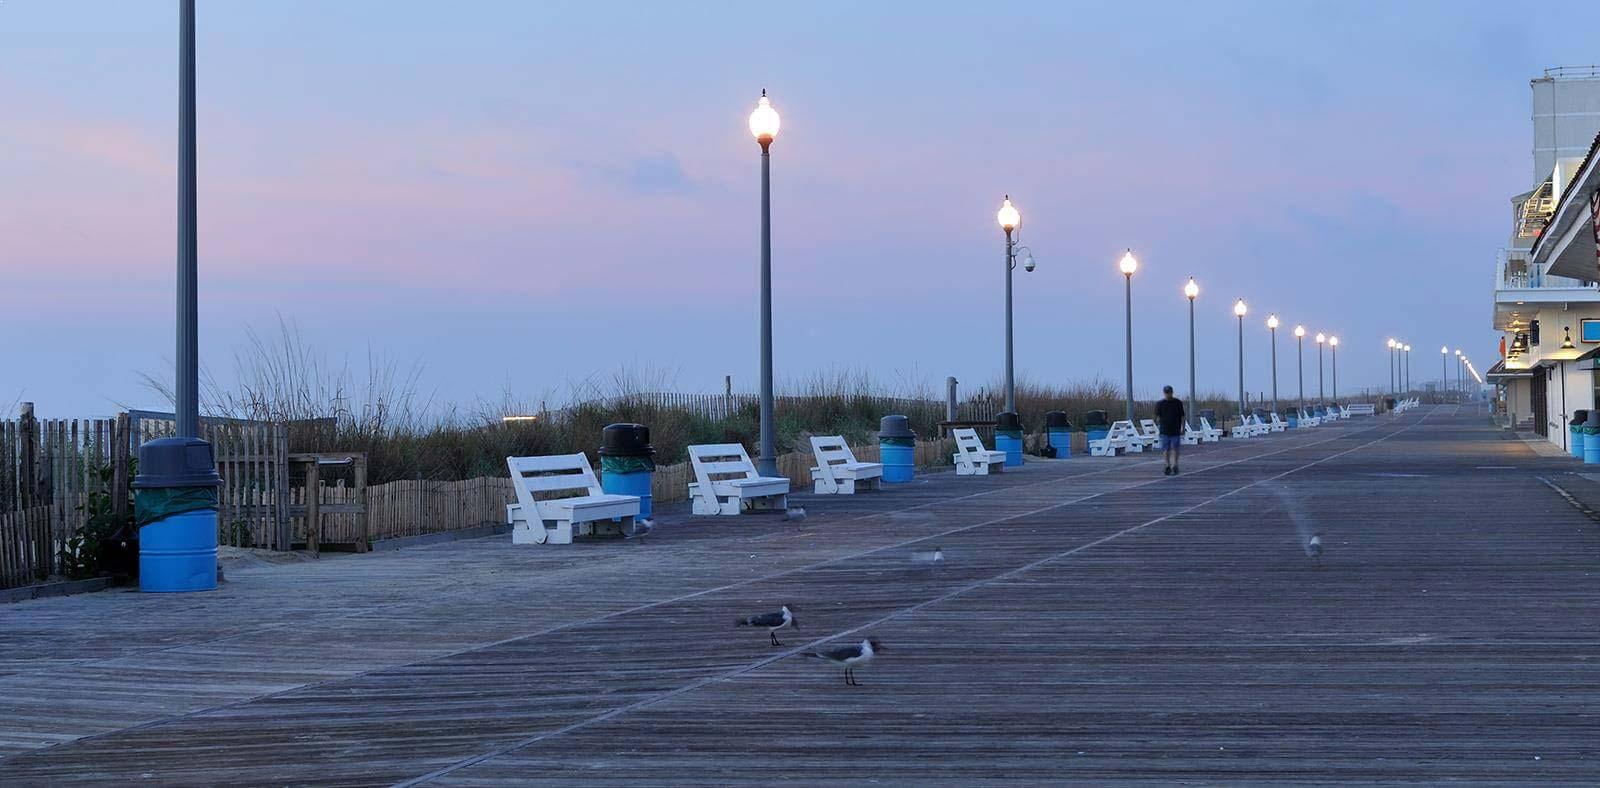 Rehoboth Beach Boardwalk of Delaware